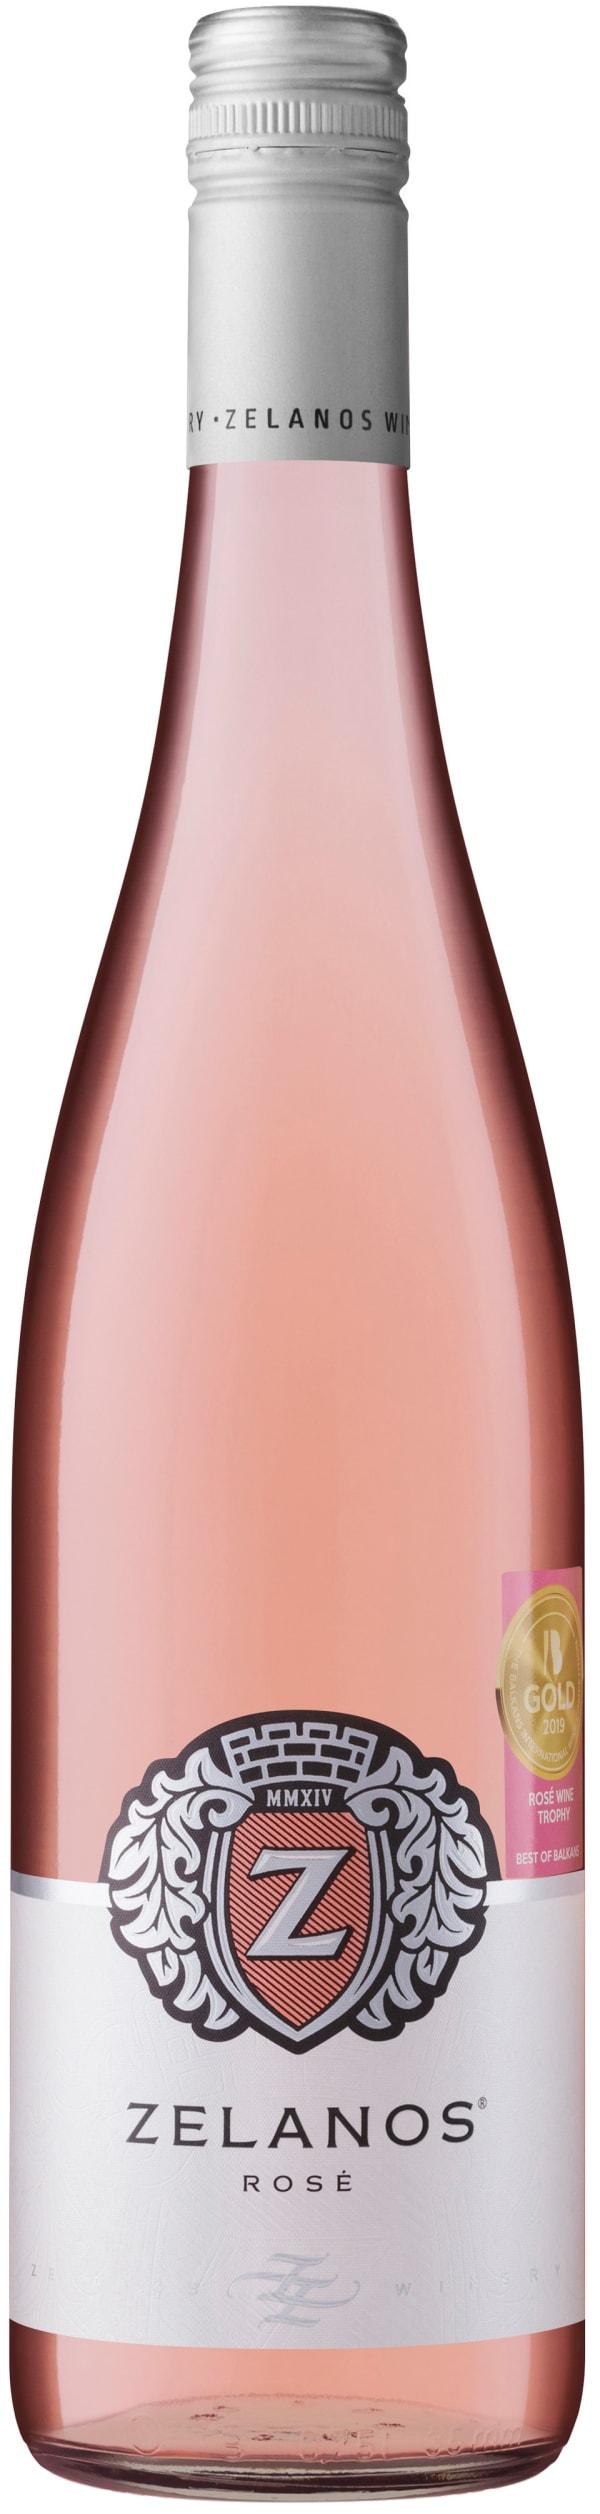 Zelanos Rosé Pinot Noir 2018